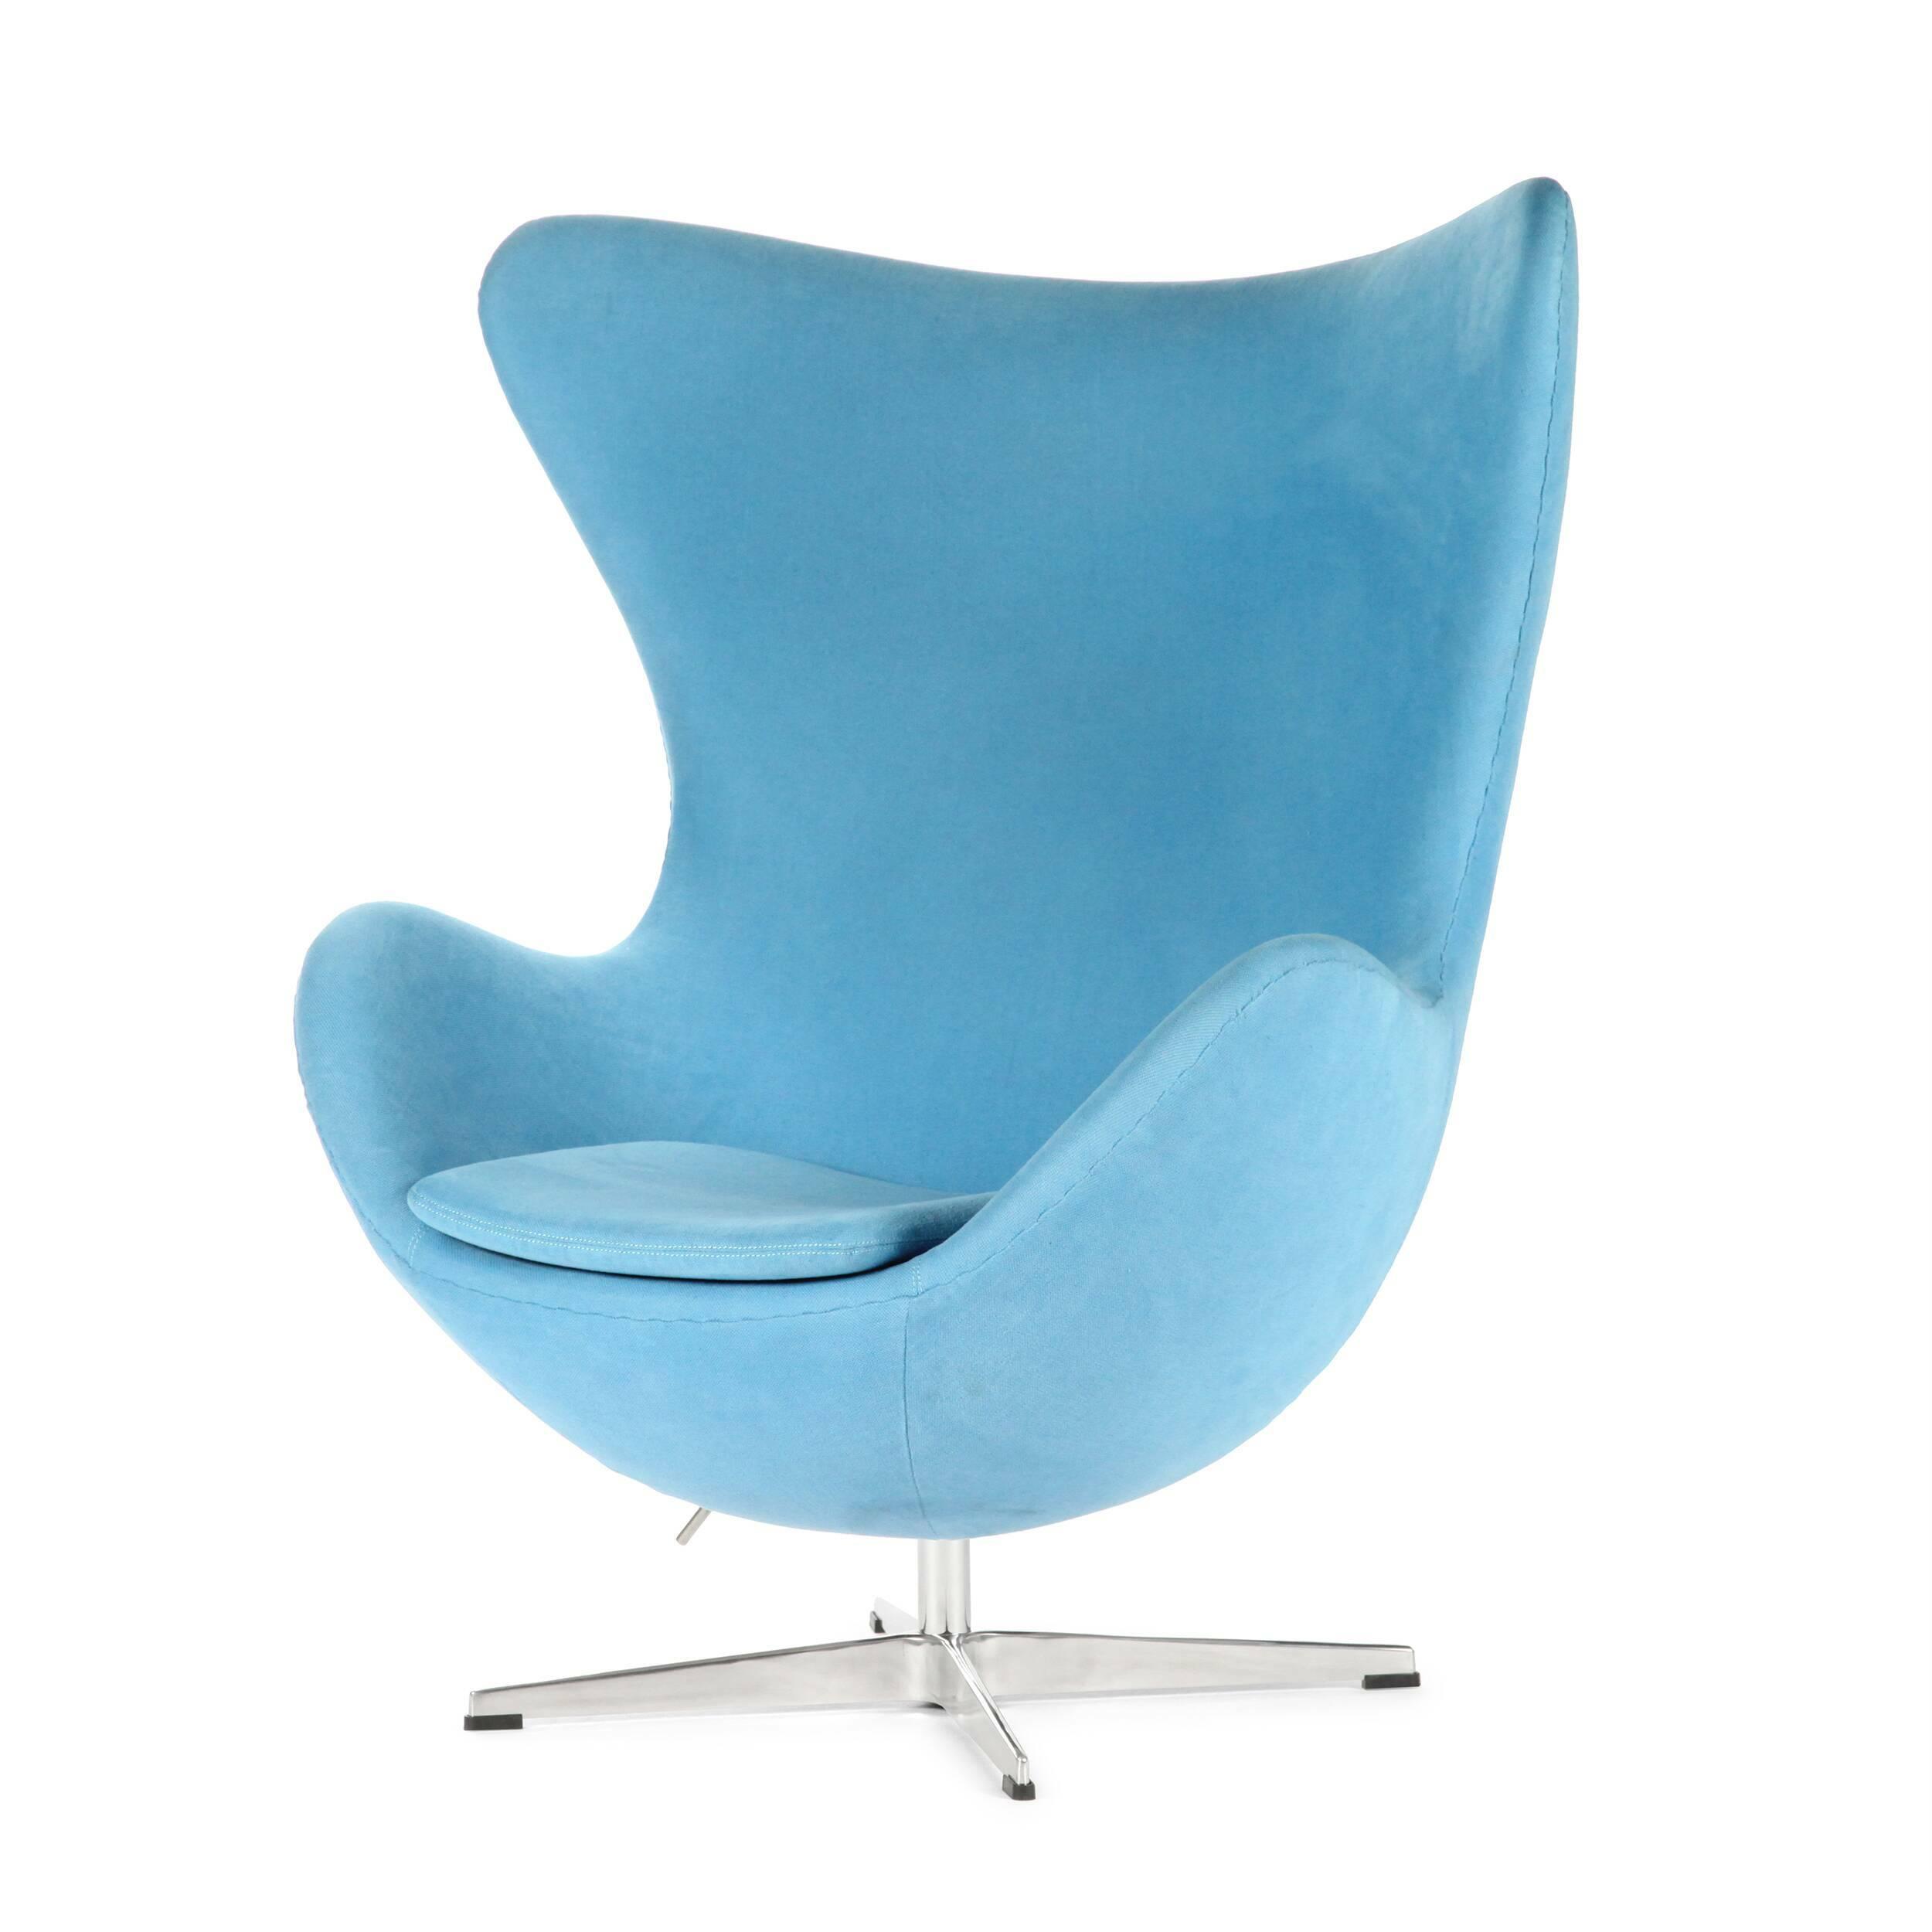 Кресло EggИнтерьерные<br>Дизайнерское комфортное кресло Egg (Эгг) в форме яйца на узкой ножке от Cosmo (Космо).<br><br><br> Кресло, своими очертаниями напоминающее яйцо, — одно из самых известных творений датского дизайнера Арне Якобсена. Вряд ли оно когда-нибудь выйдет из моды — уж слишком велик диапазон его интерьерных возможностей. Кроме того, обыгрывать данную форму помогают различные фактуры и цвета обивок.<br><br><br> Особенно приятно и солидно смотрится оригинальное кресло Egg в обивке из натуральной кожи, представлен...<br><br>stock: 0<br>Высота: 105,5<br>Высота сиденья: 41<br>Ширина: 87<br>Глубина: 82<br>Цвет ножек: Хром<br>Материал обивки: Хлопок, Лен<br>Коллекция ткани: Ray Fabric<br>Тип материала обивки: Ткань<br>Тип материала ножек: Алюминий<br>Цвет обивки: Светло-голубой